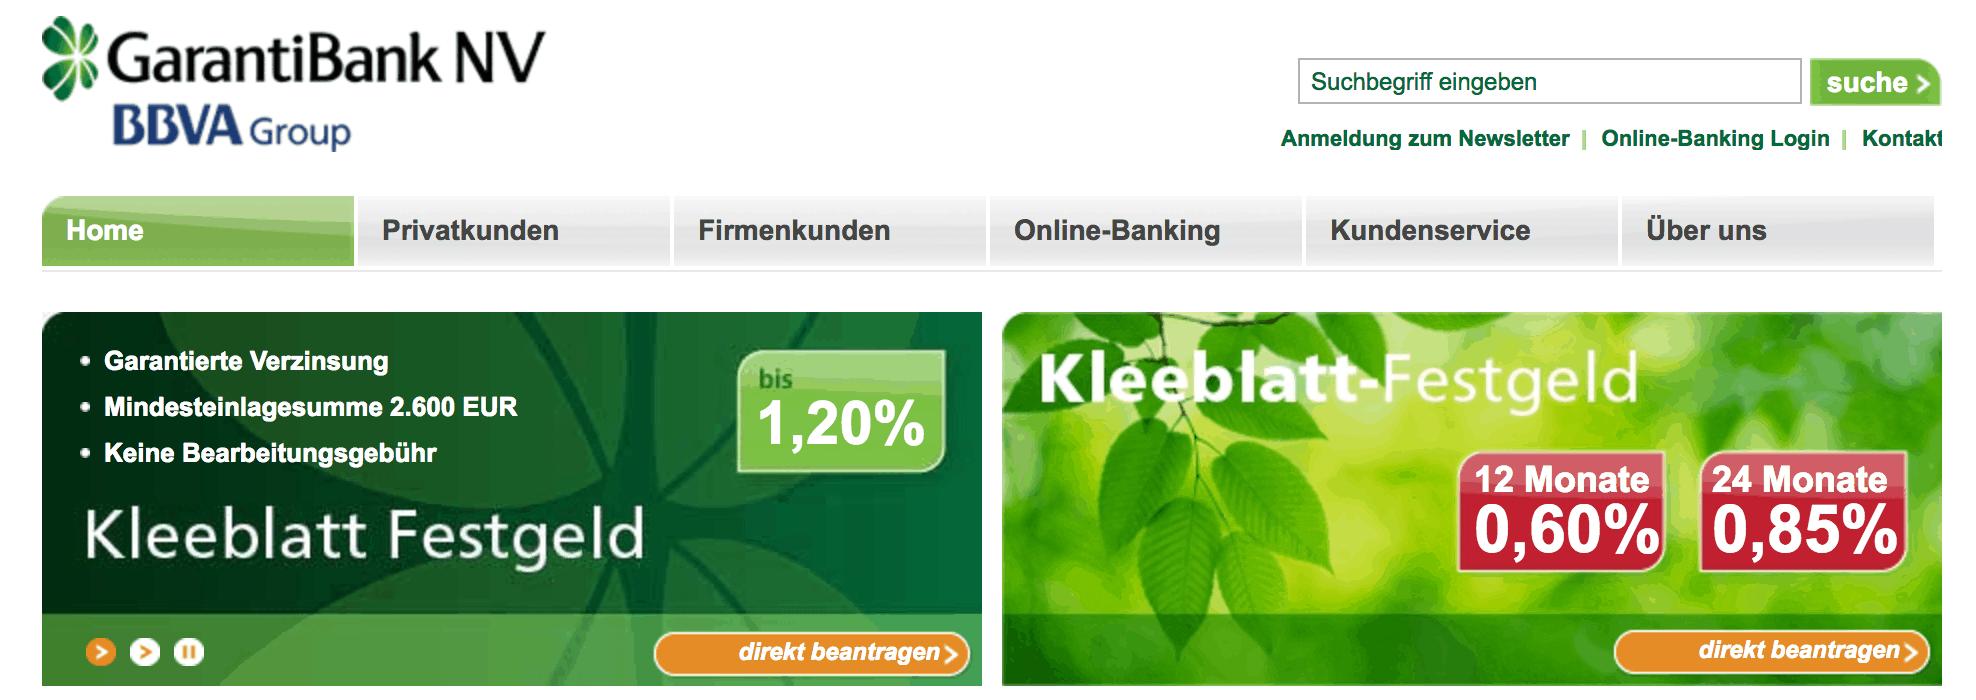 Die Homepage der GarantiBank